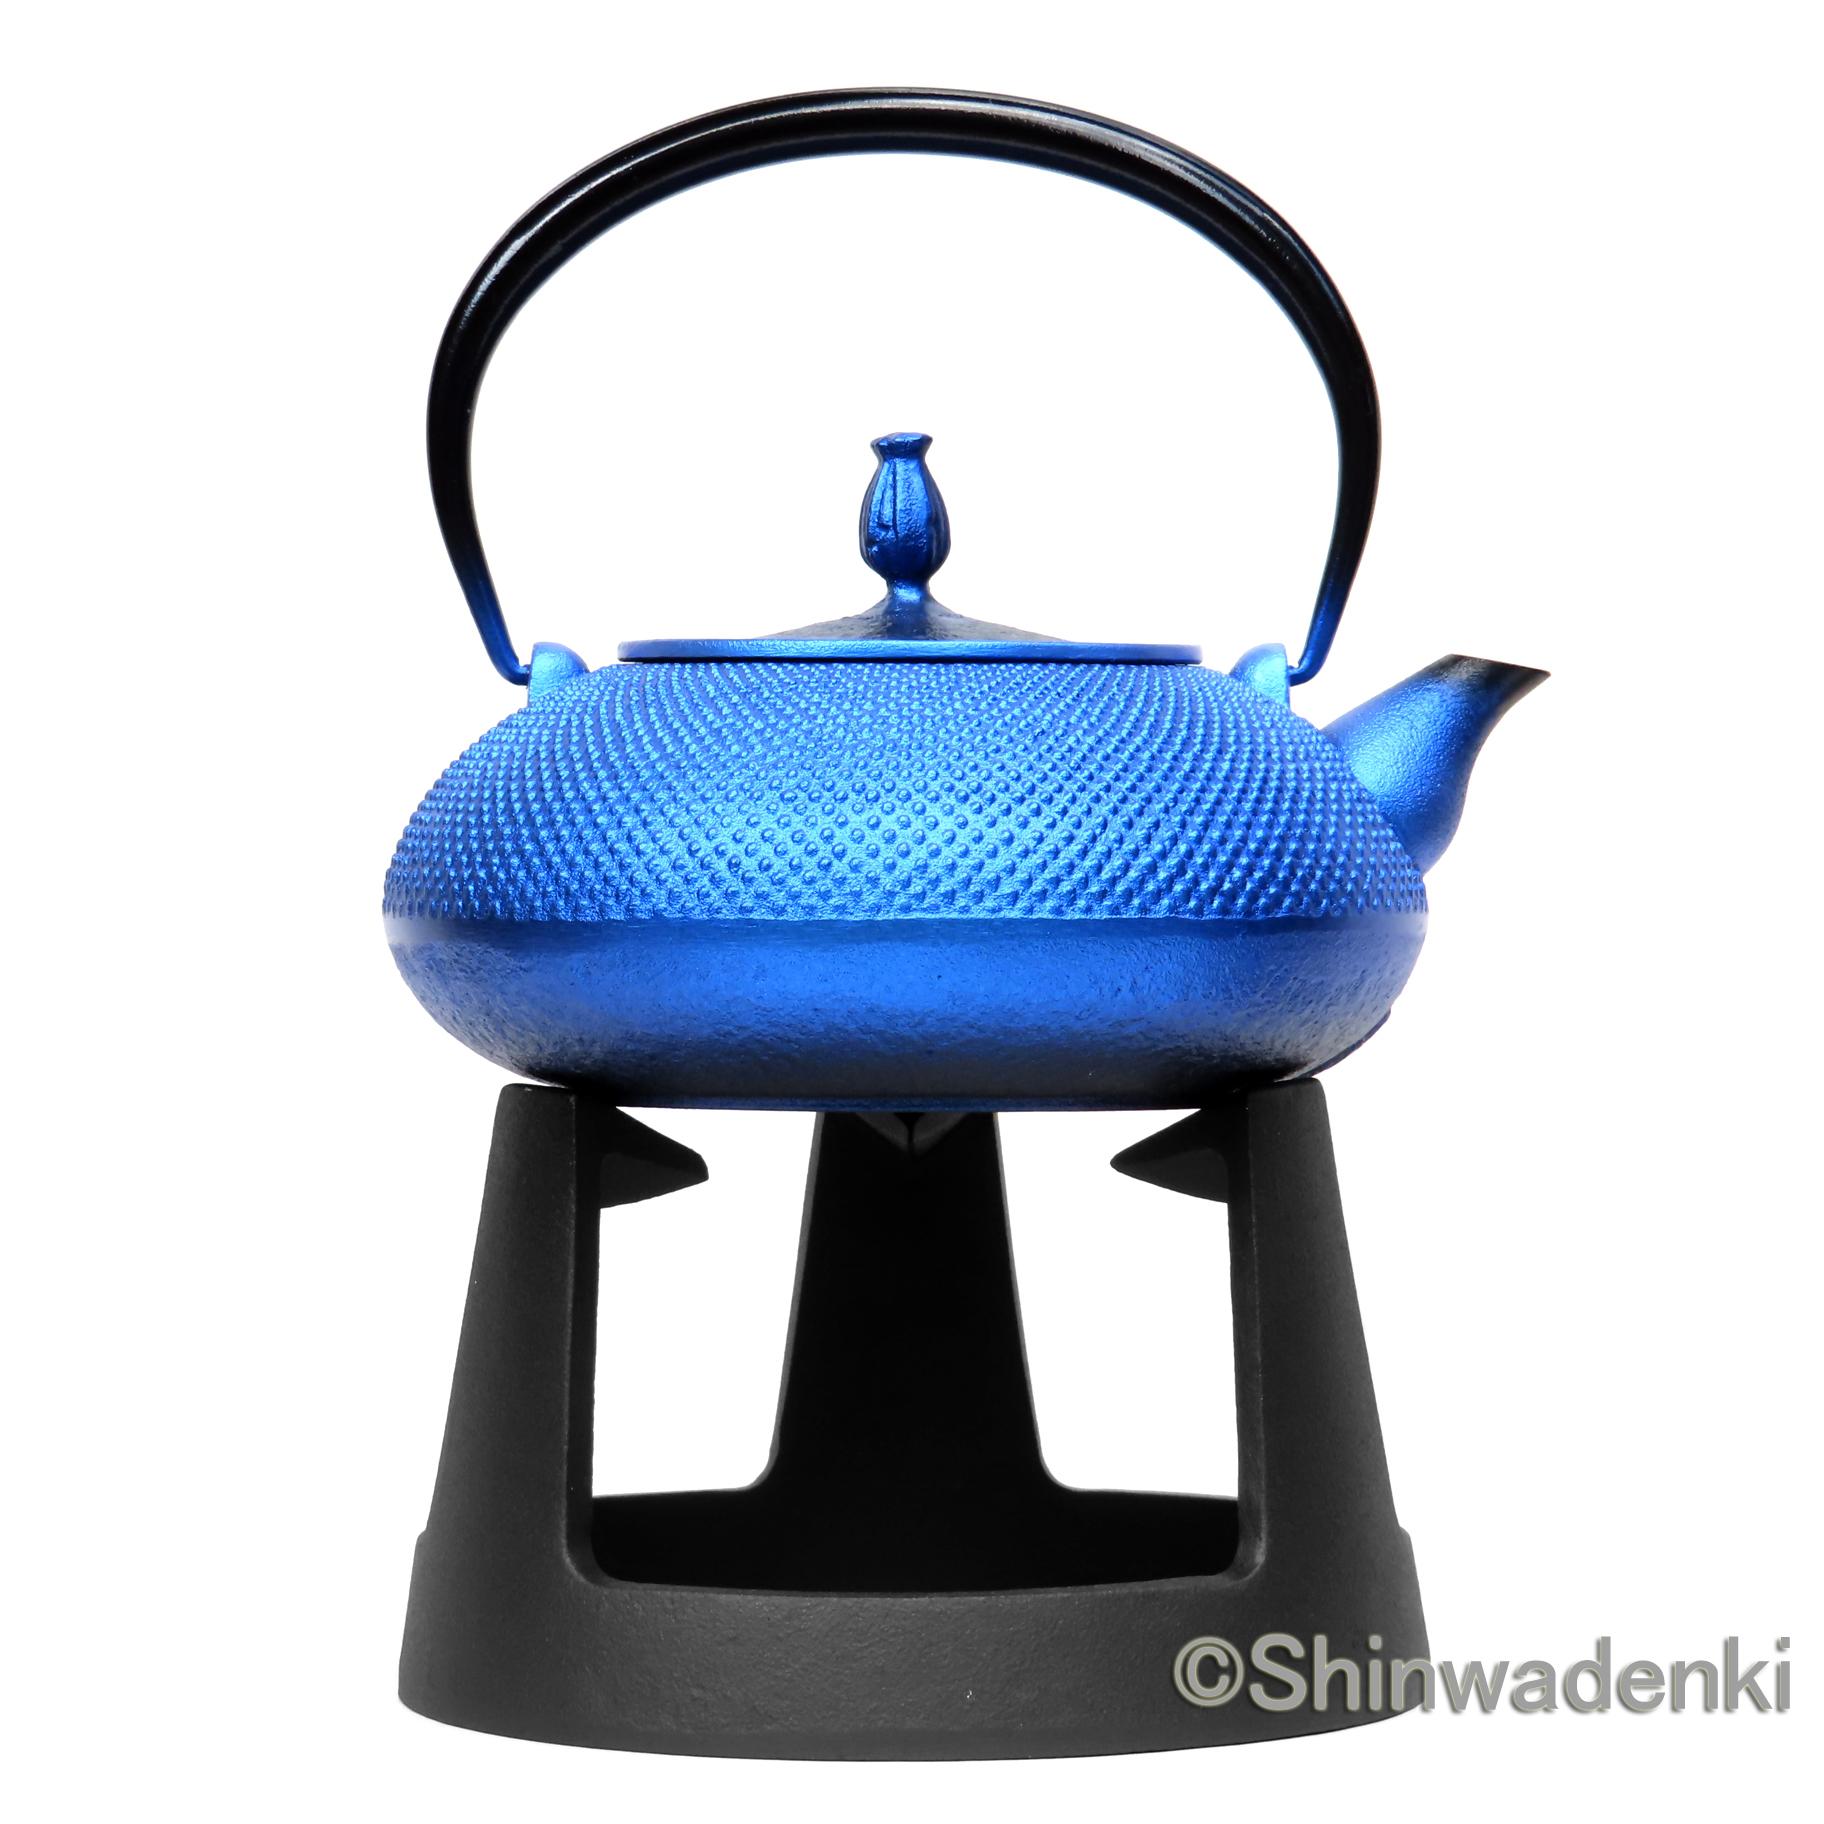 平丸アラレ(鉄蓋)瑠璃色